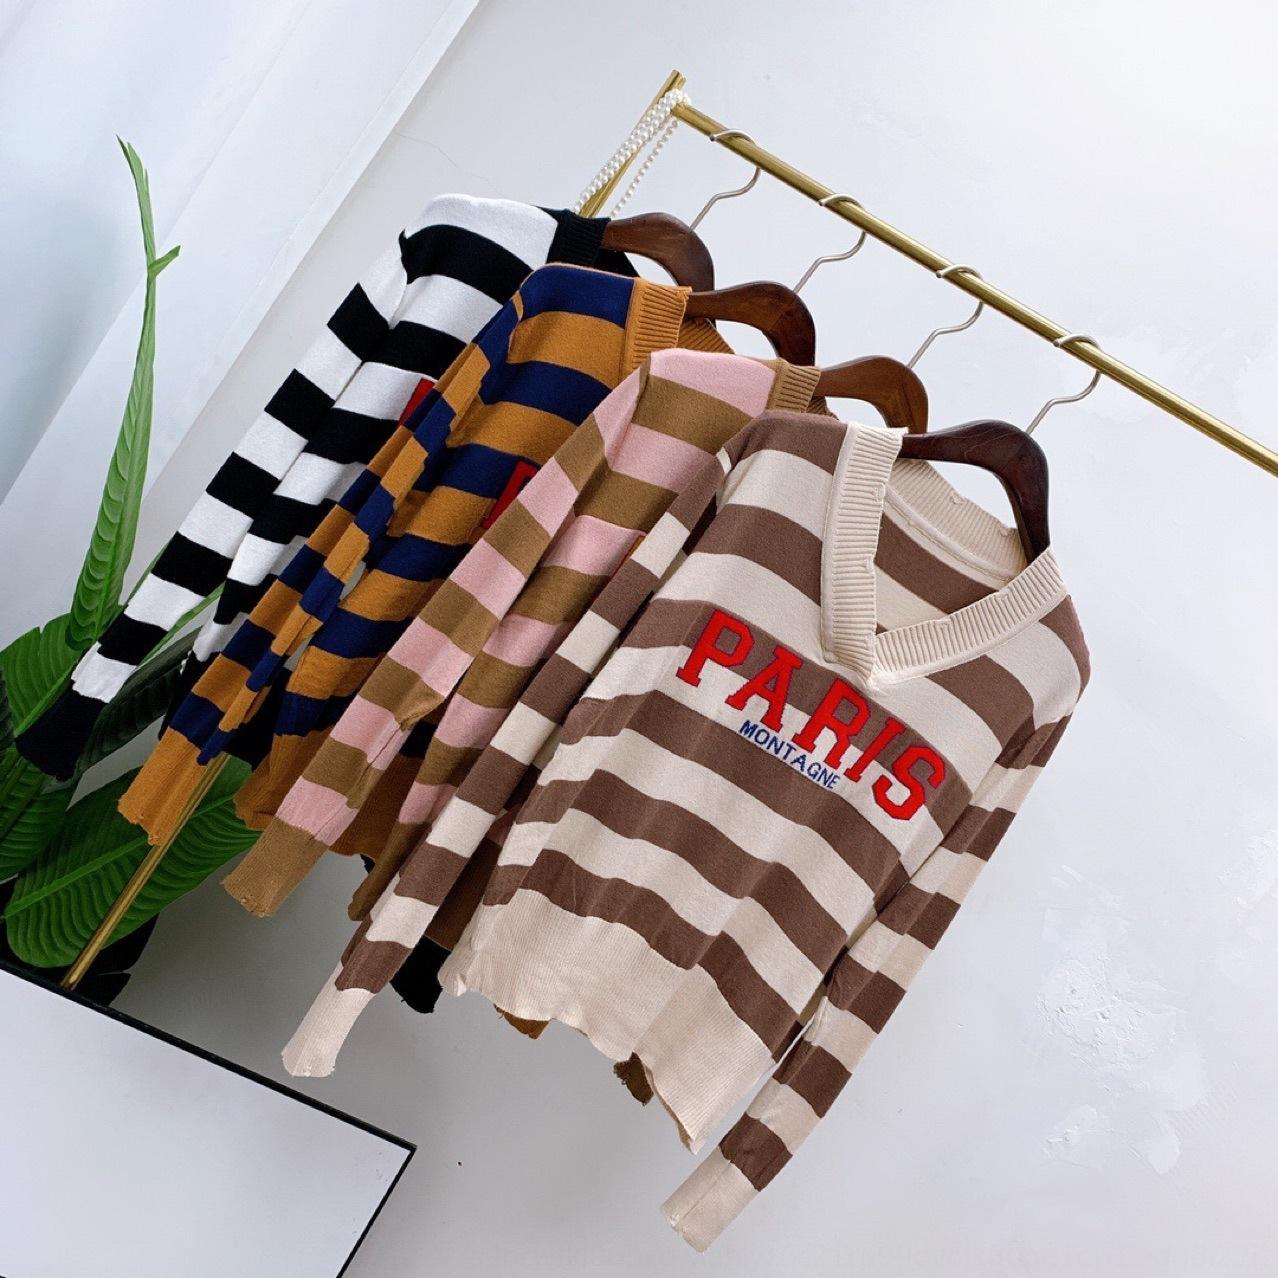 cs / Paris Klassisches T-Shirt mit V-gestreifte neckstyle-Pullover Frauen vertikalen Pullover Frauen Langarm-T-Shirt